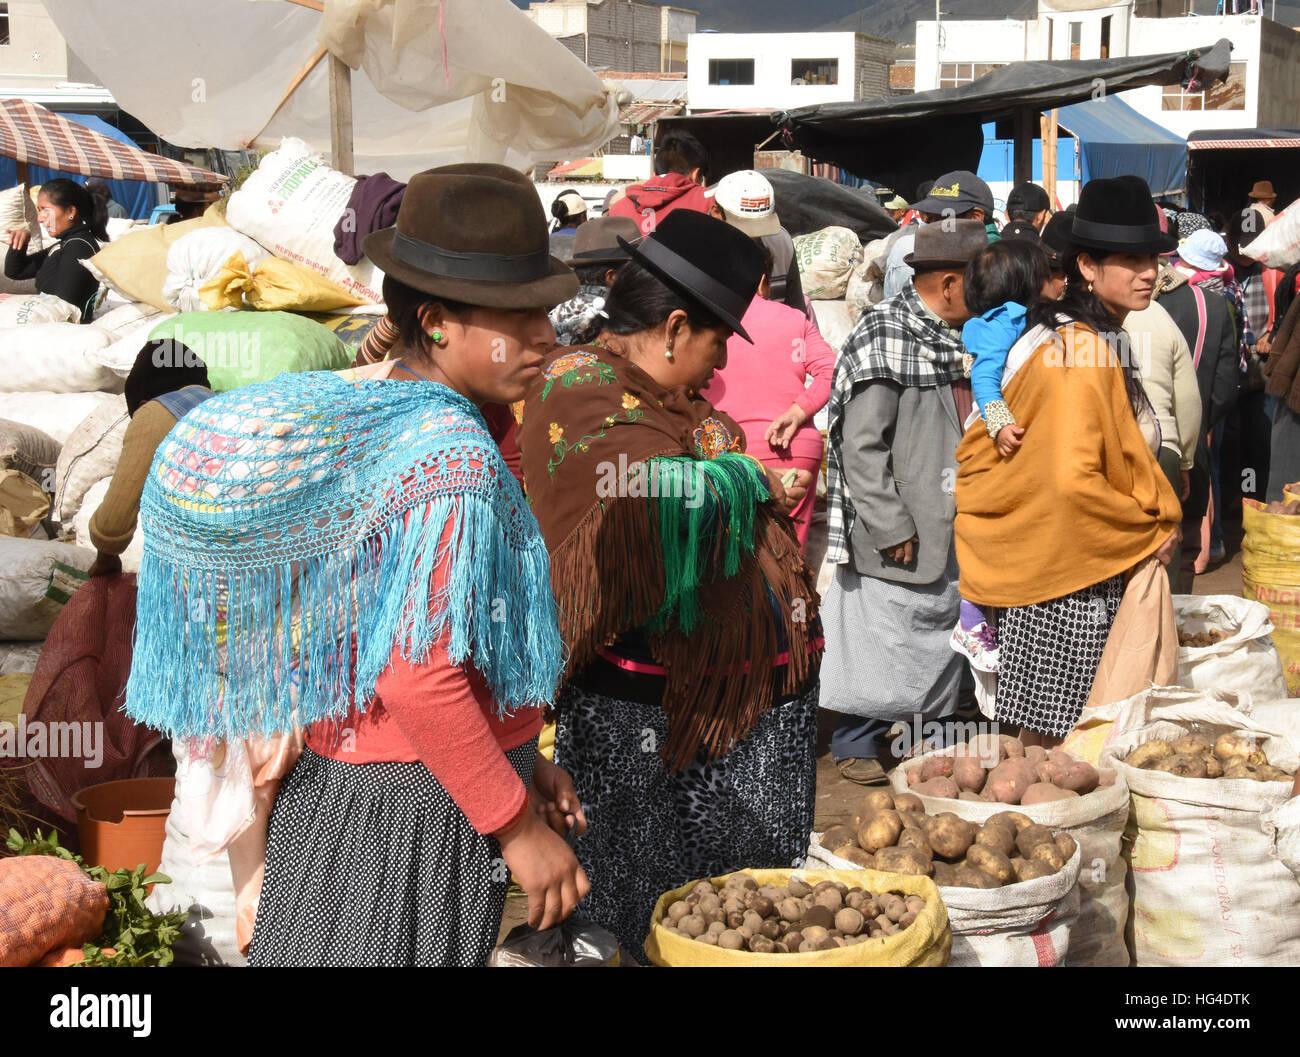 Jueves mercados, Saquisilí, Ecuador, Sudamérica Imagen De Stock